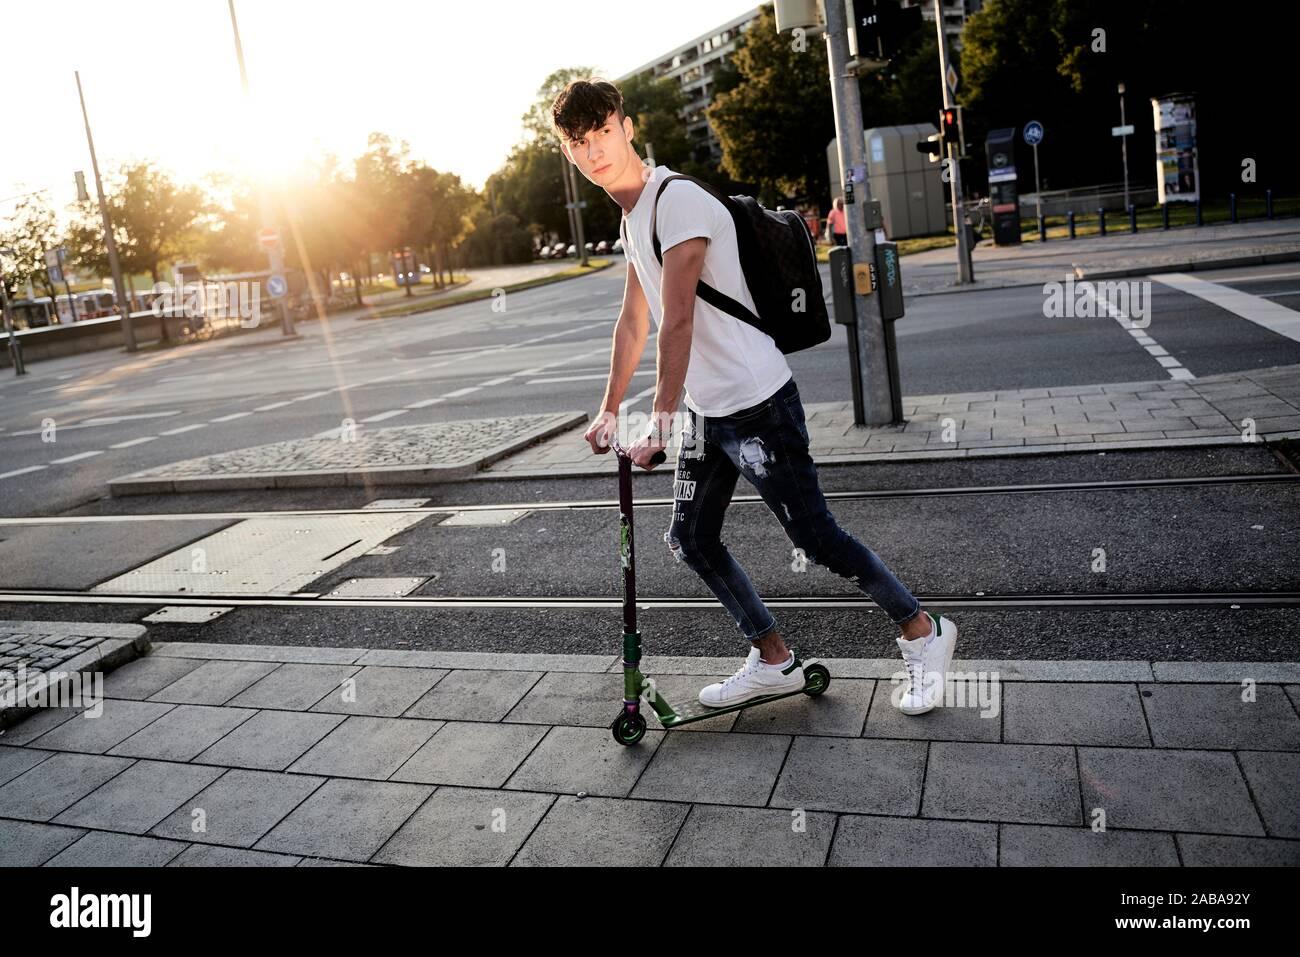 Jeune homme en scooter, Munich, Allemagne. Banque D'Images